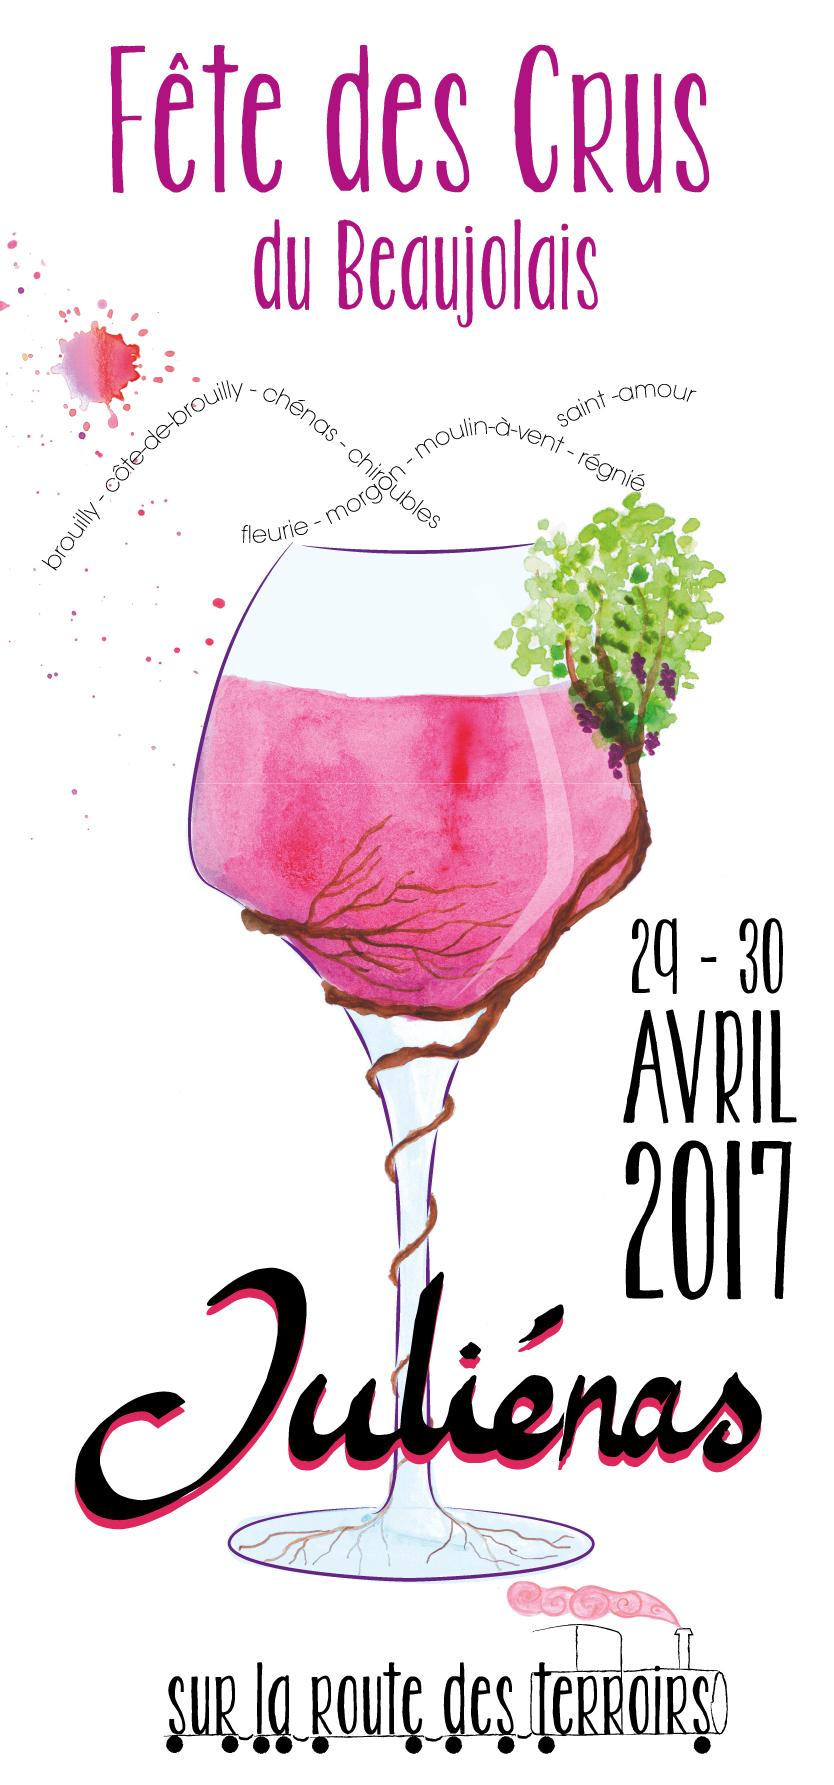 création de l'affiche et de l'identité visuelle de la fête des crus du beaujolais